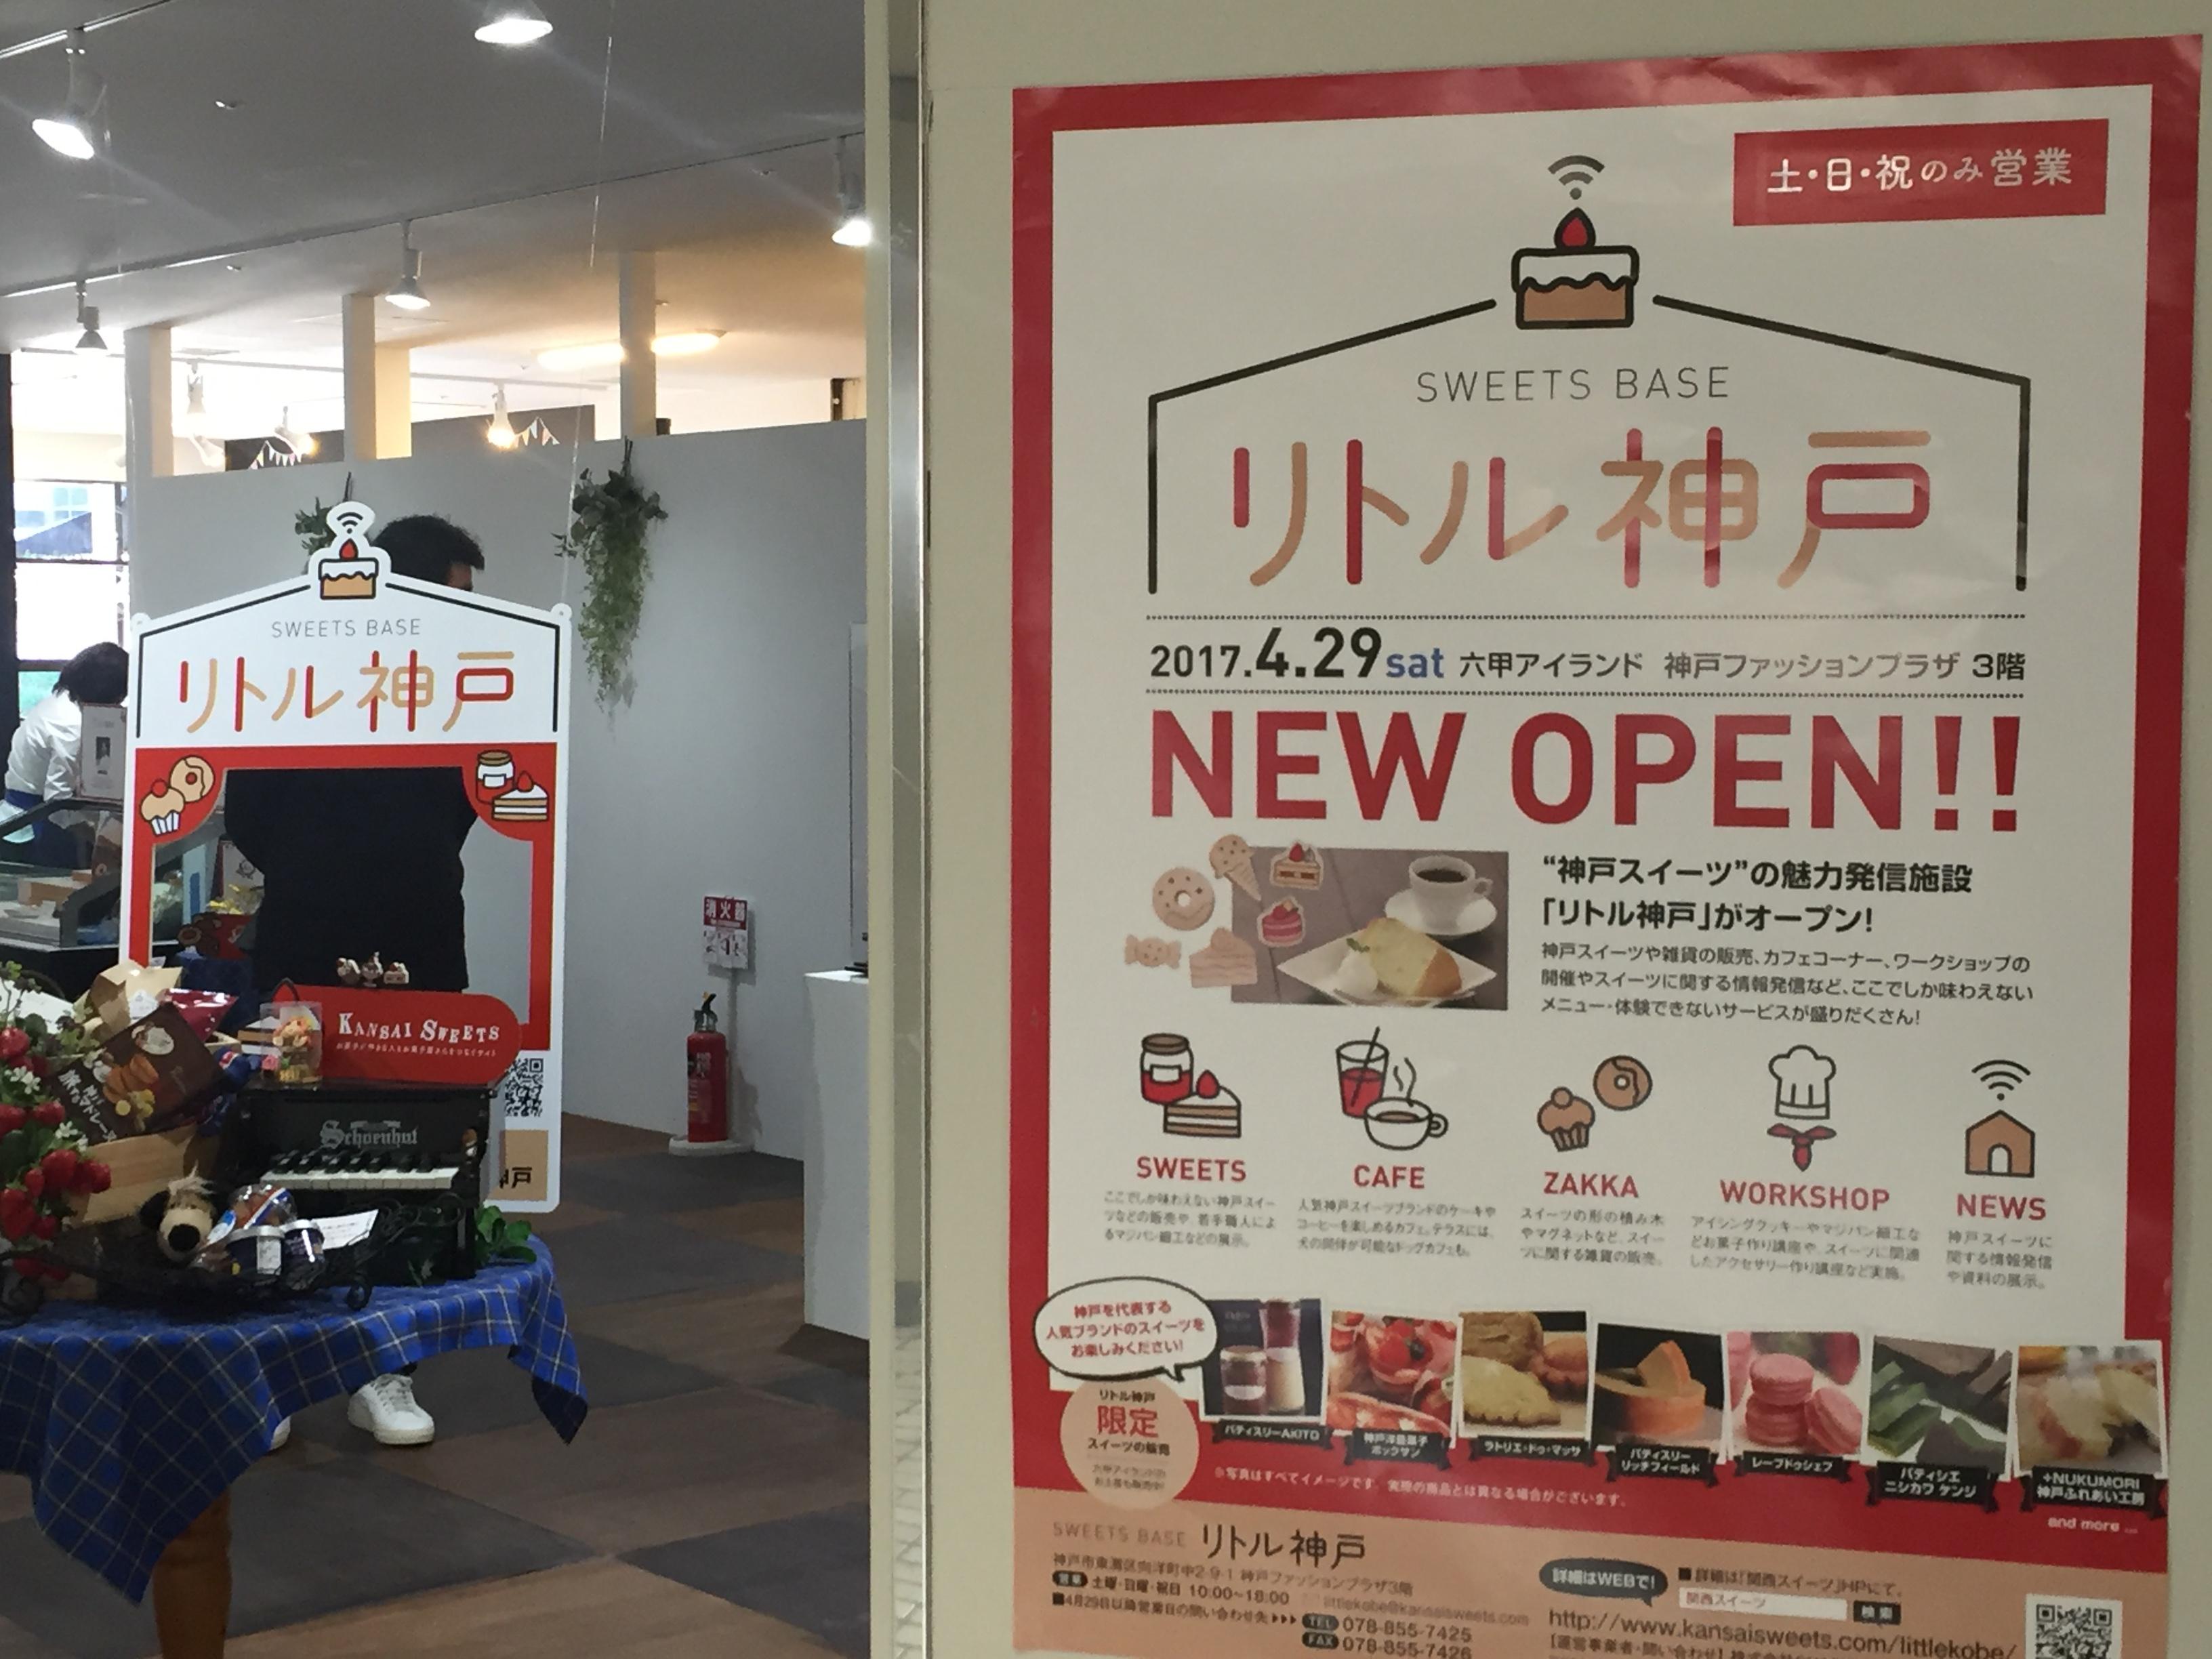 神戸・六甲アイランドにオープンした「SWEETS BASEリトル神戸」で神戸スイーツを楽しんだよ【※写真付レポ】